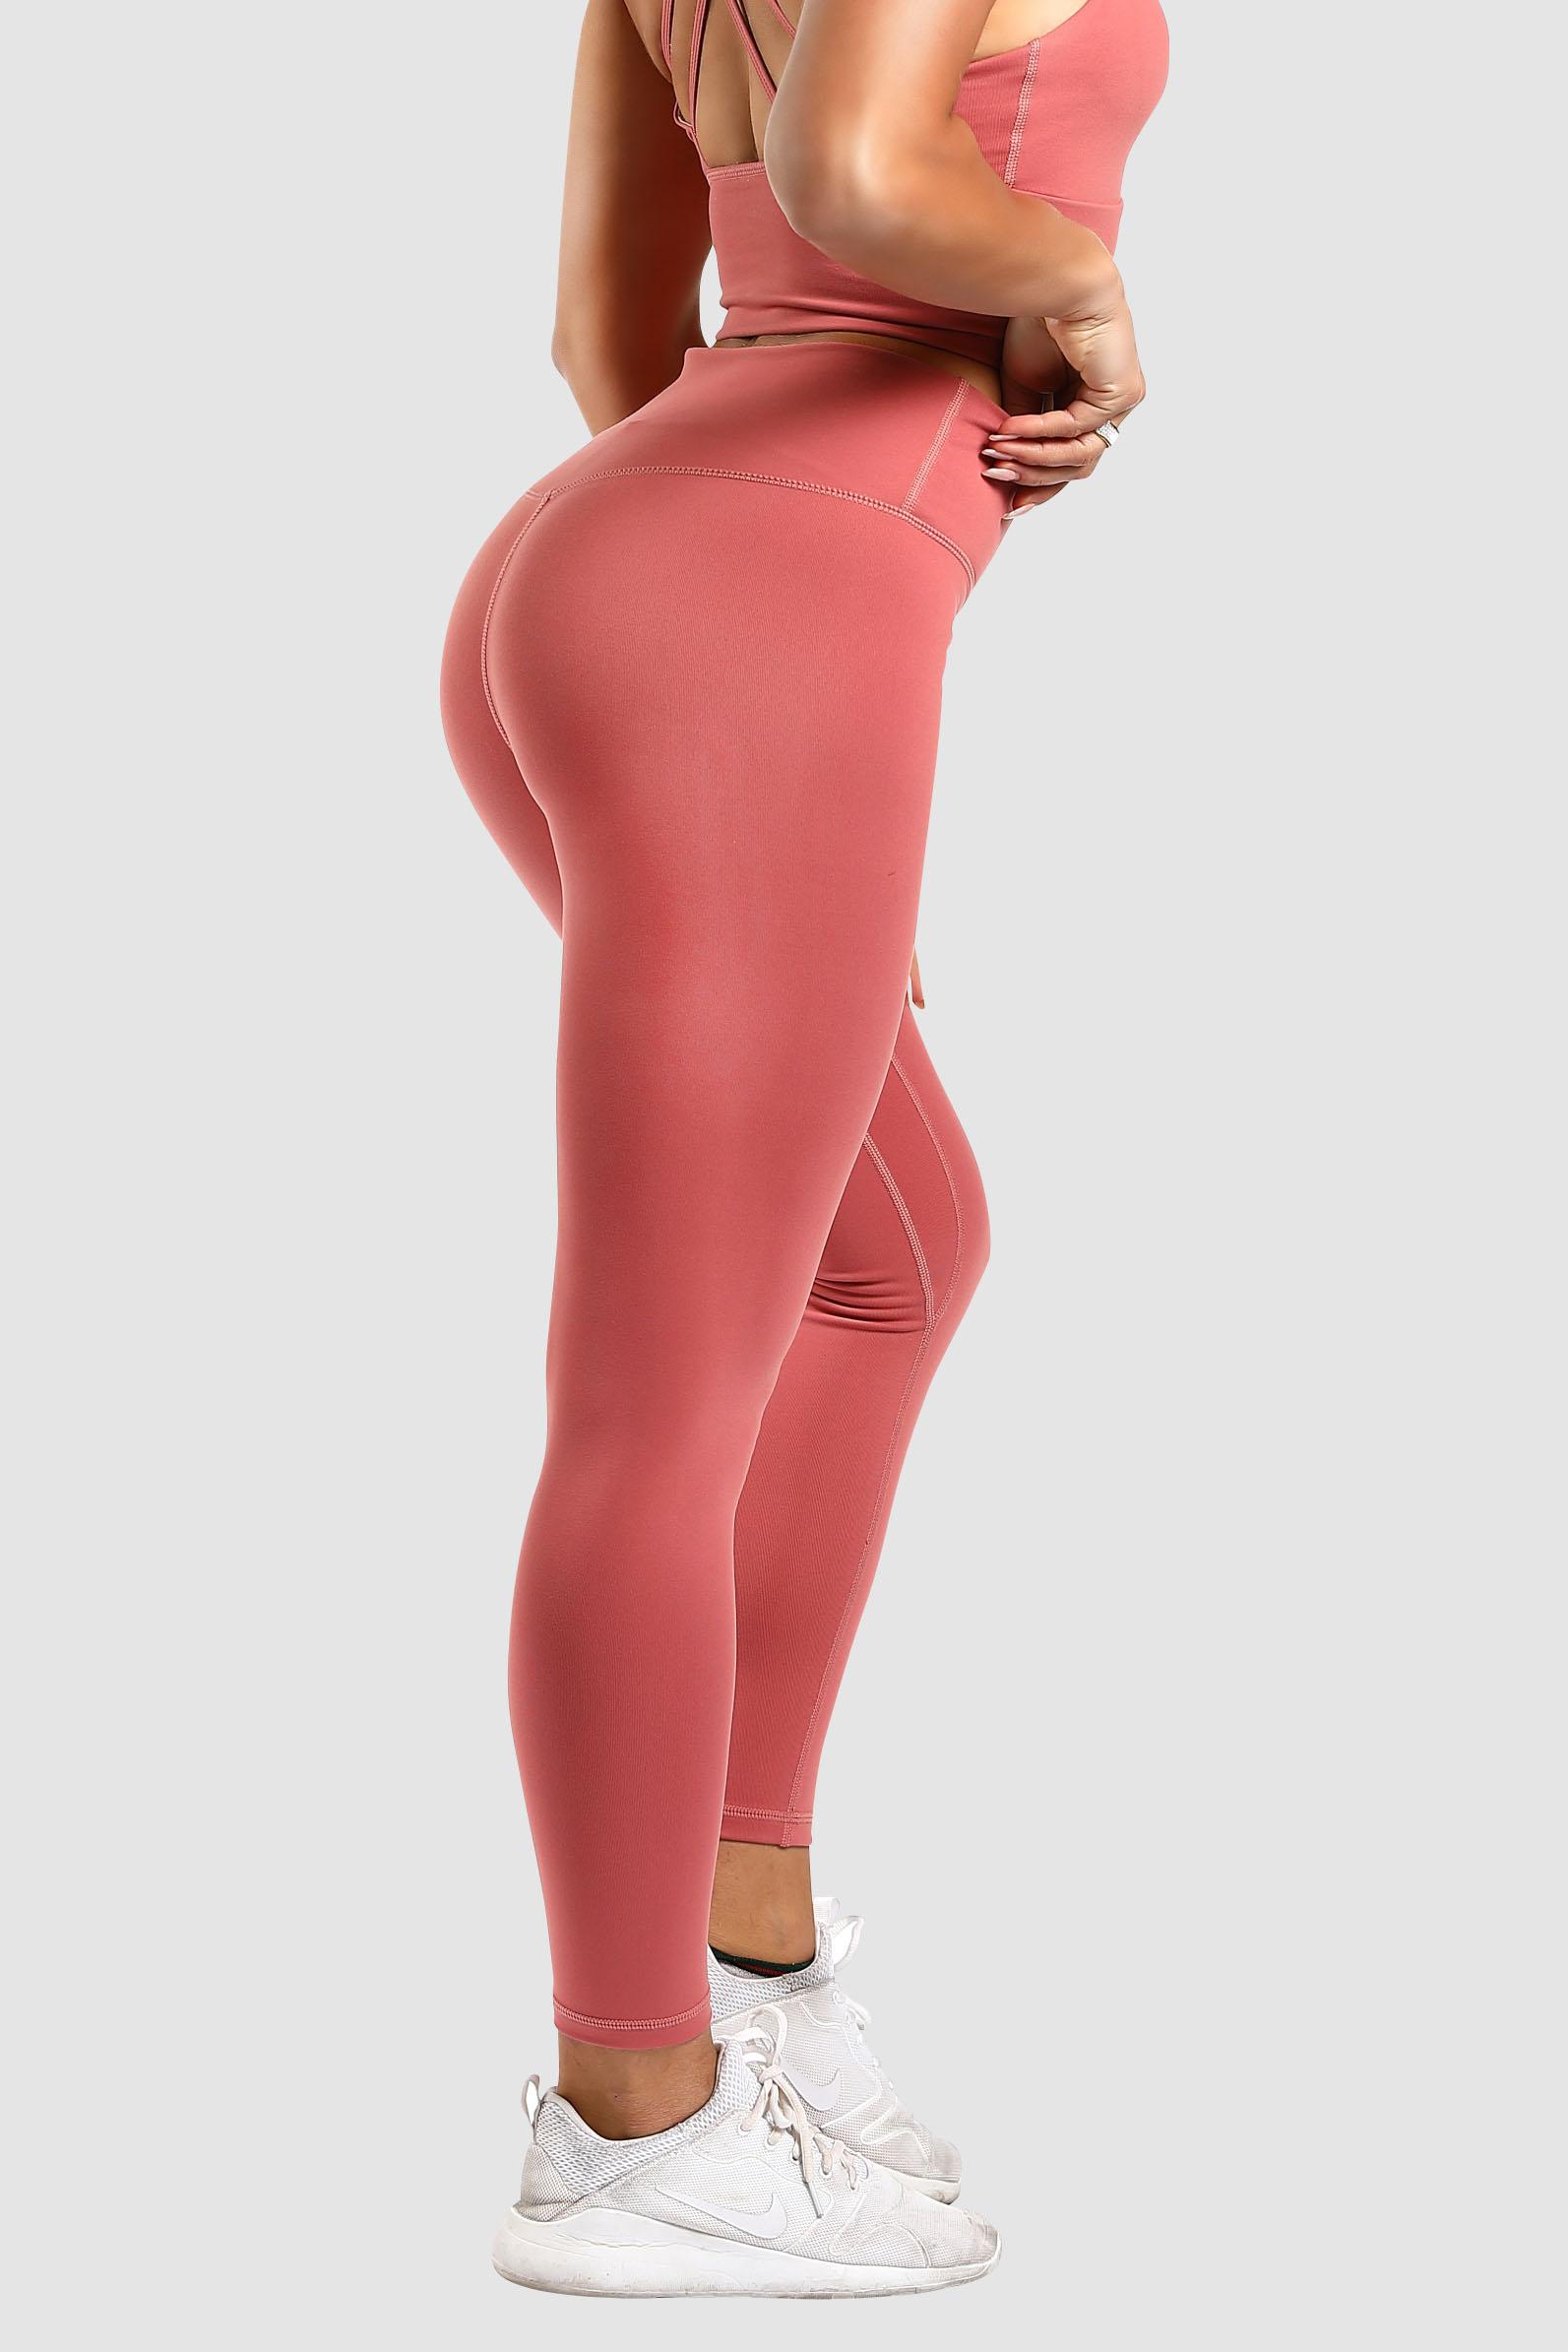 Women's Sport Suit Women Fitness Clothing Sport Wear Yoga Set